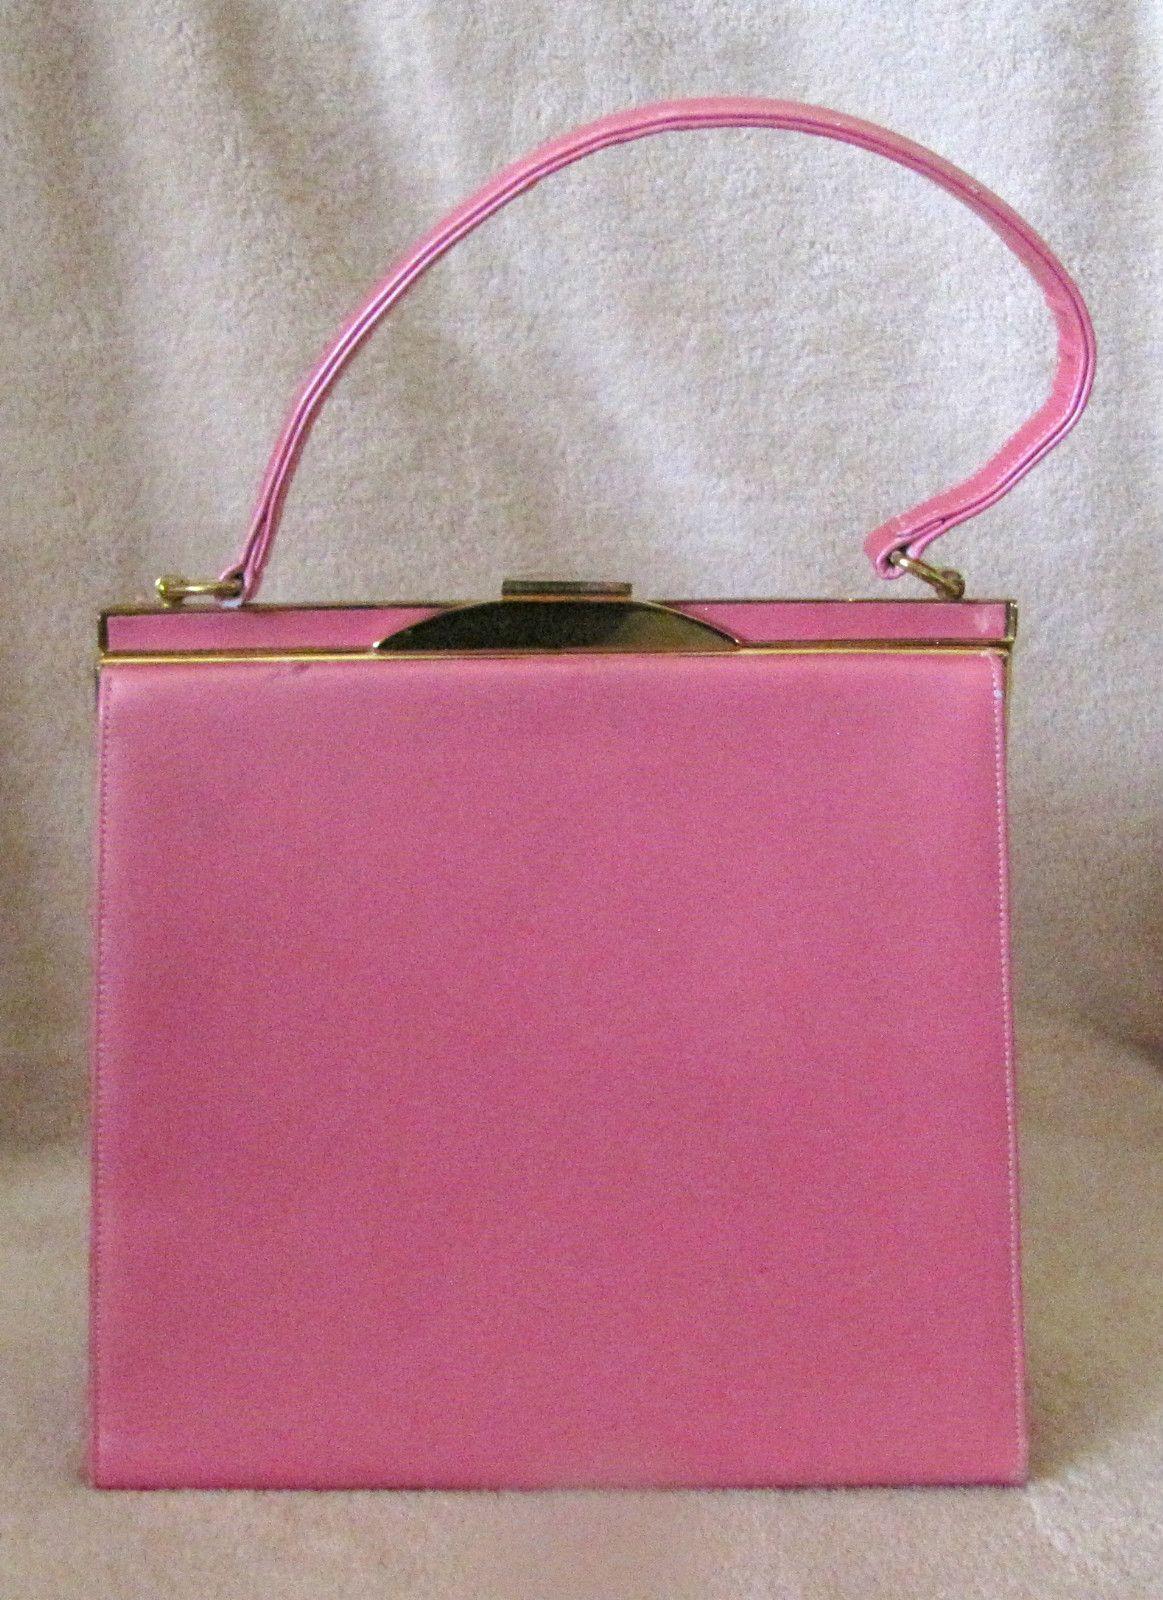 6c768f76b Vintage 1950's Kelly PINK Purse   Vintage Purse Love   Purses ...